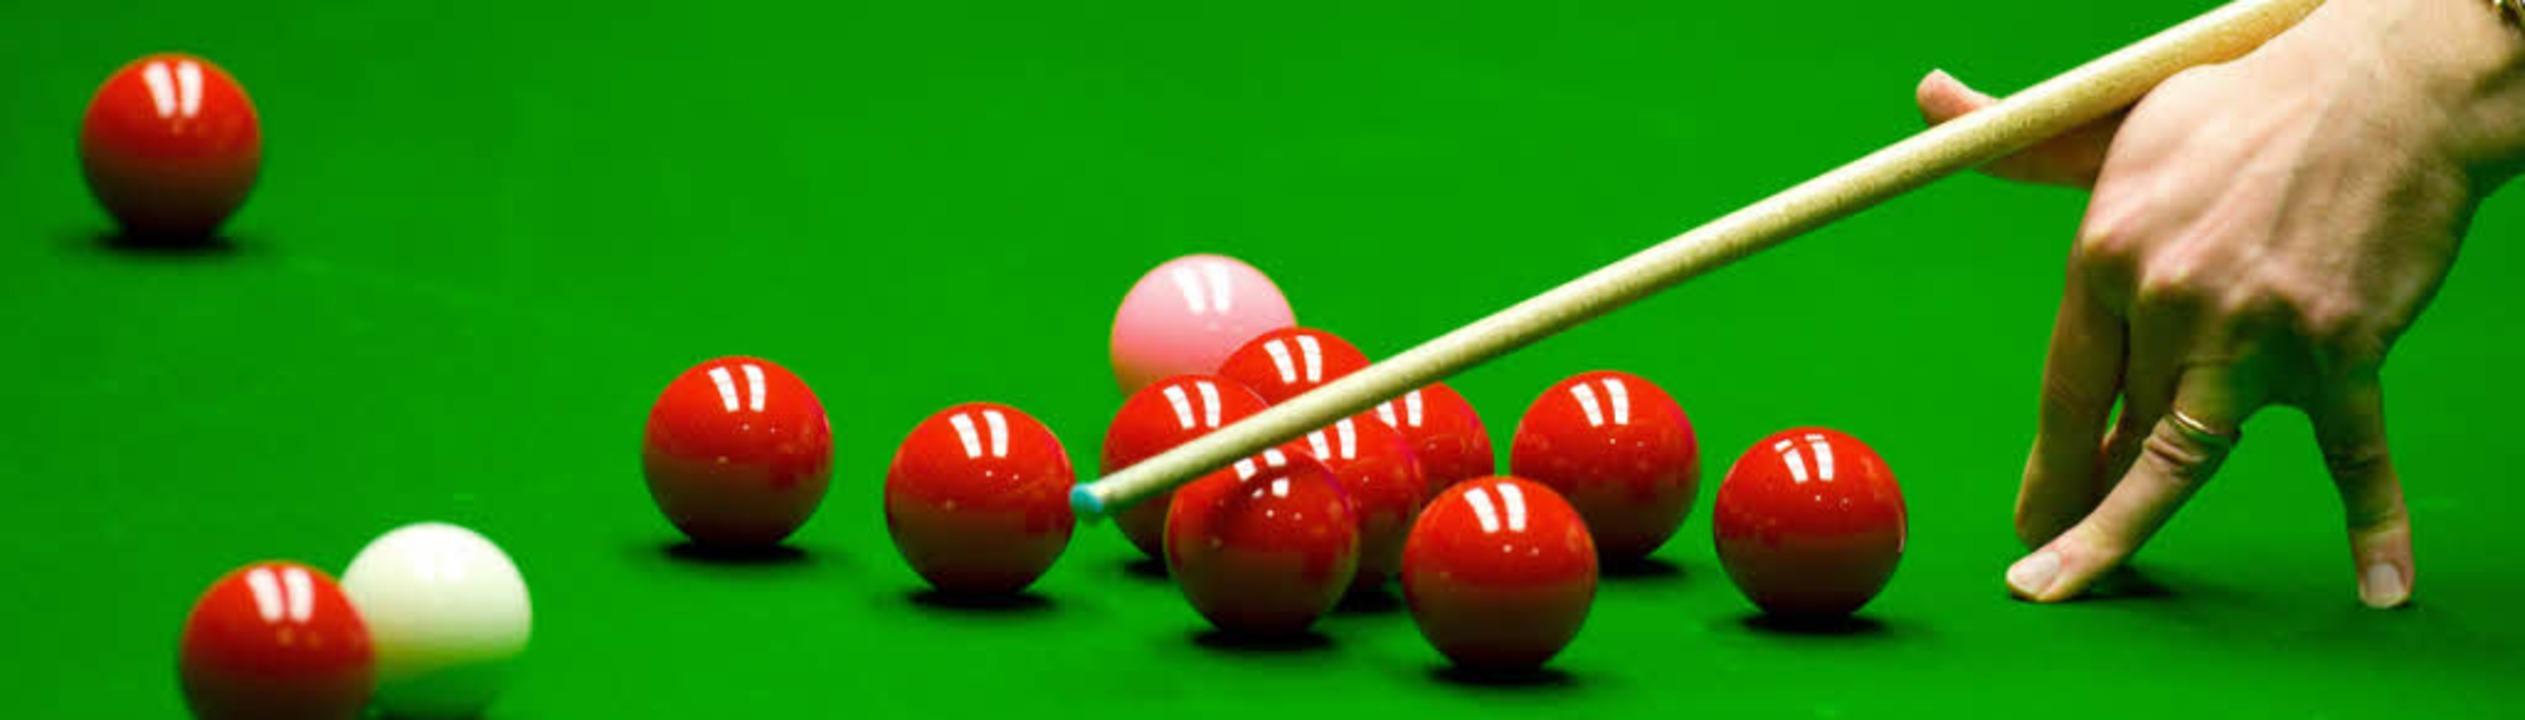 Snooker mit Deutschen Meistern – die DJK macht's möglich.   | Foto: dpa